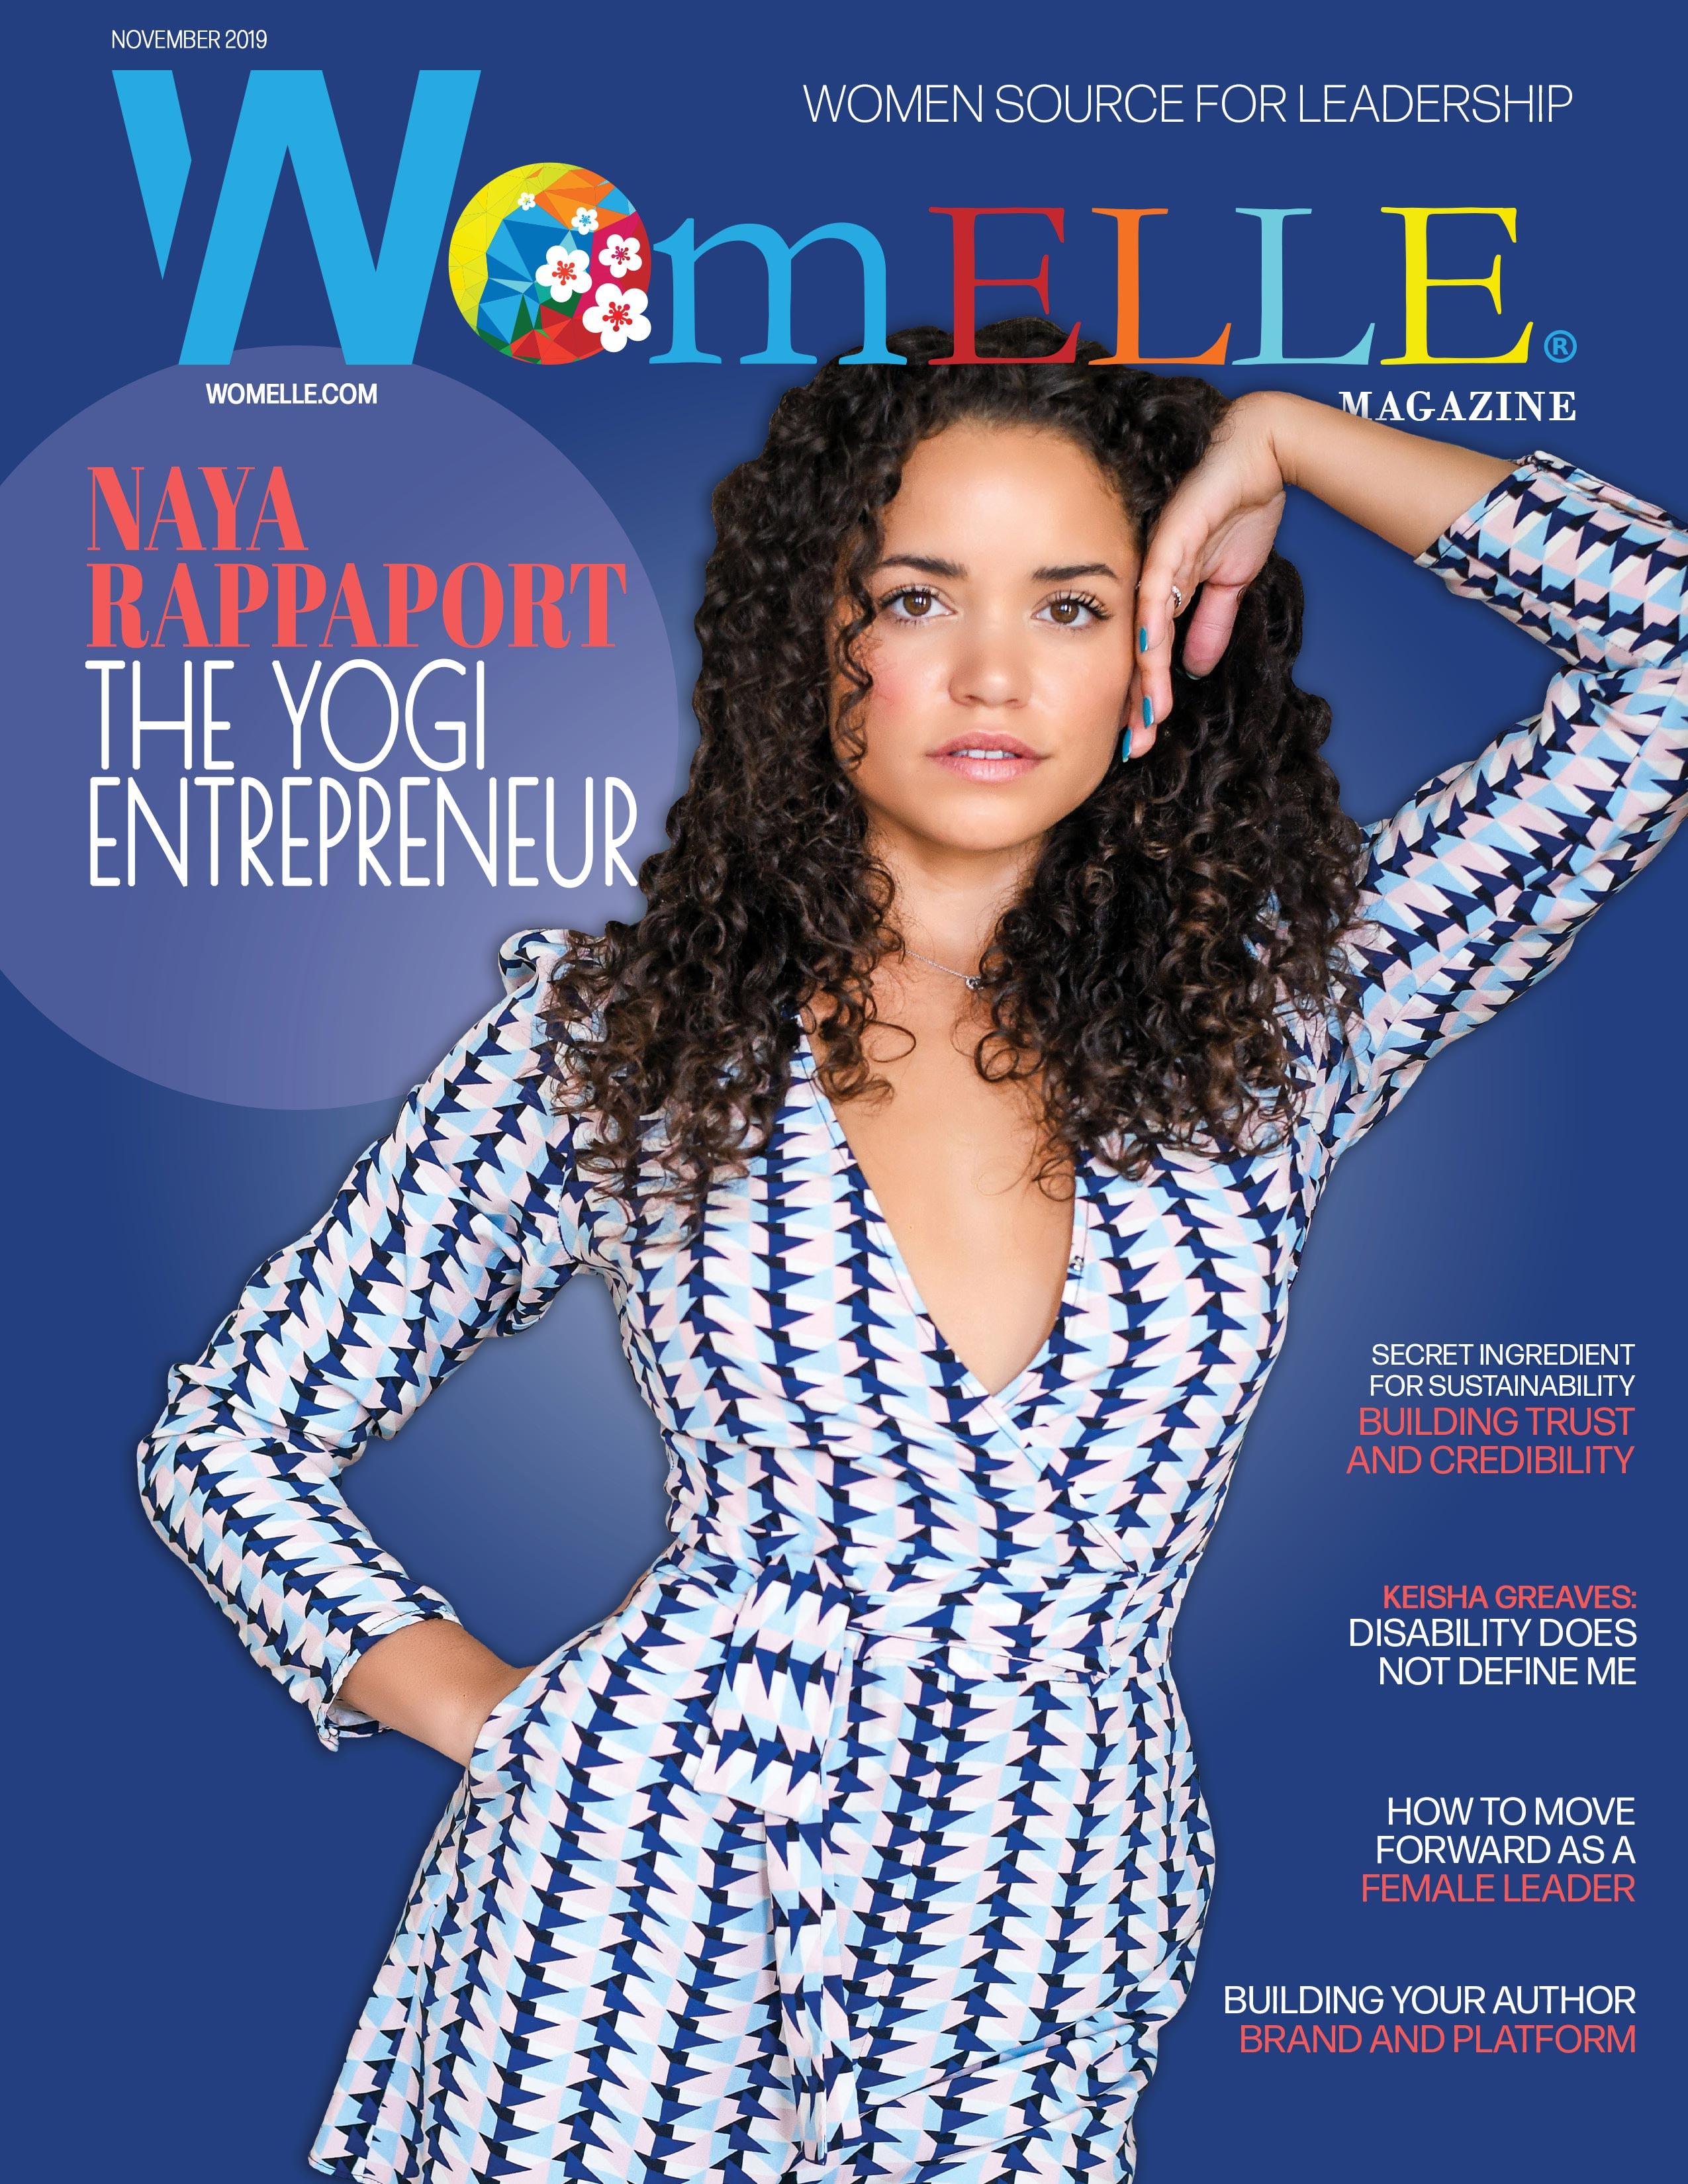 WomELLE November 2019 Magazine